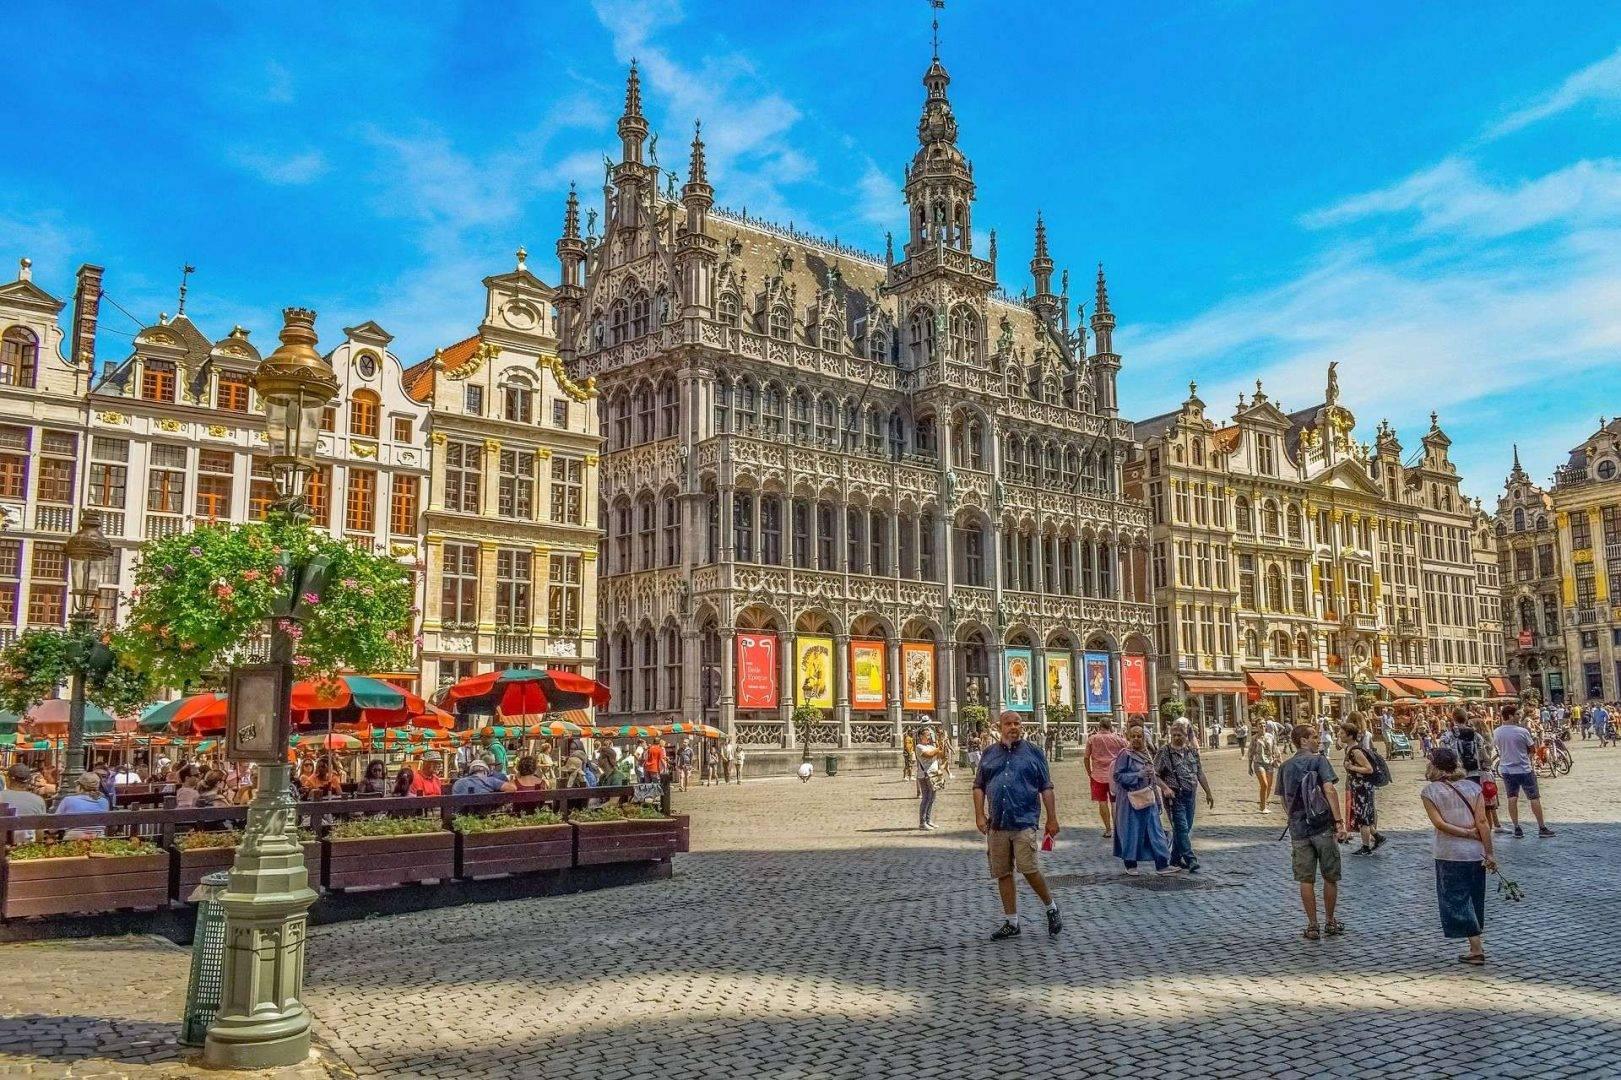 Szlakiem piwnym po Belgii